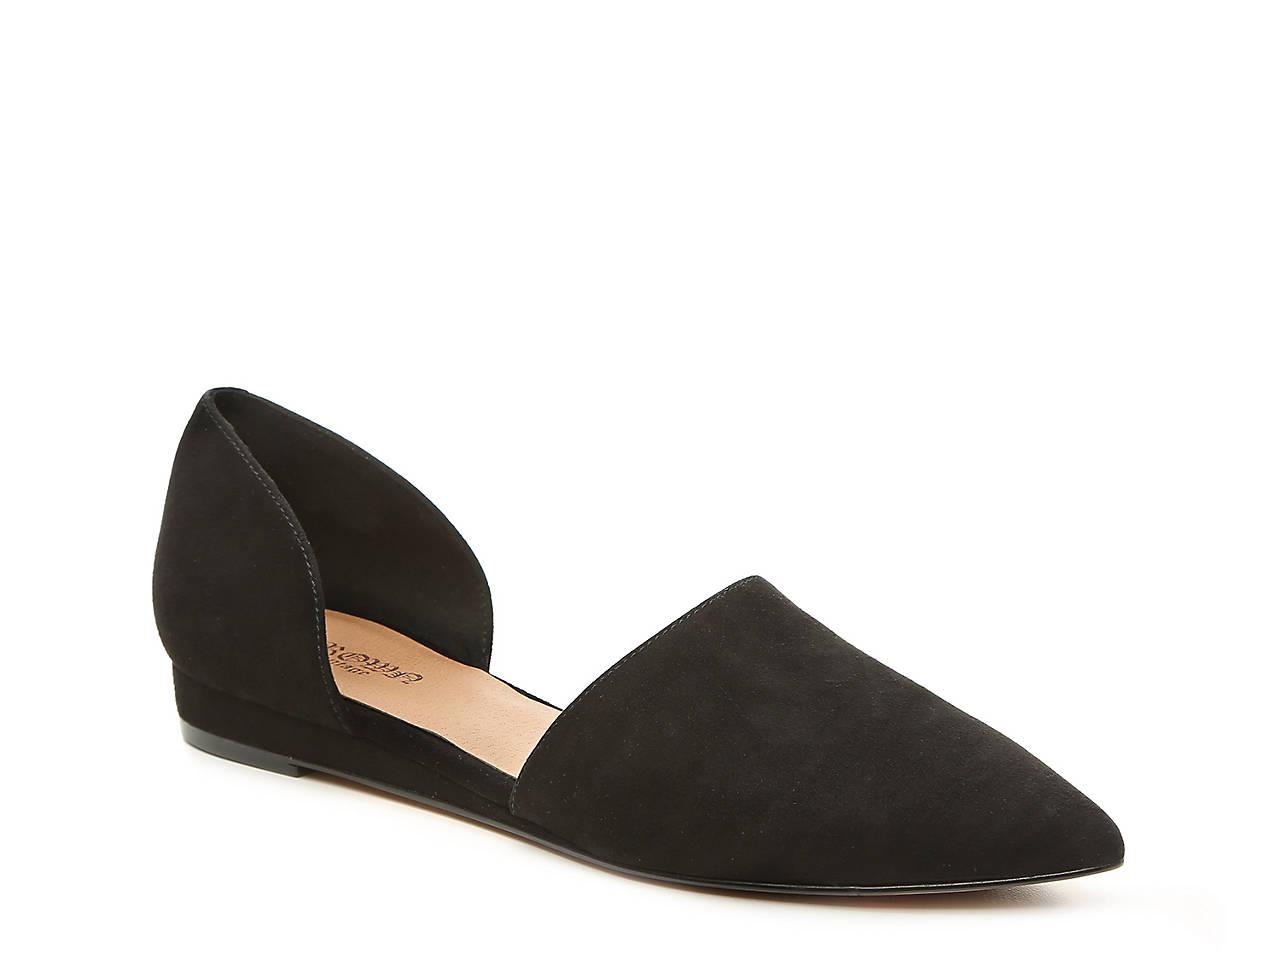 eeac70c8f06 Crown Vintage Neal Flat Women s Shoes